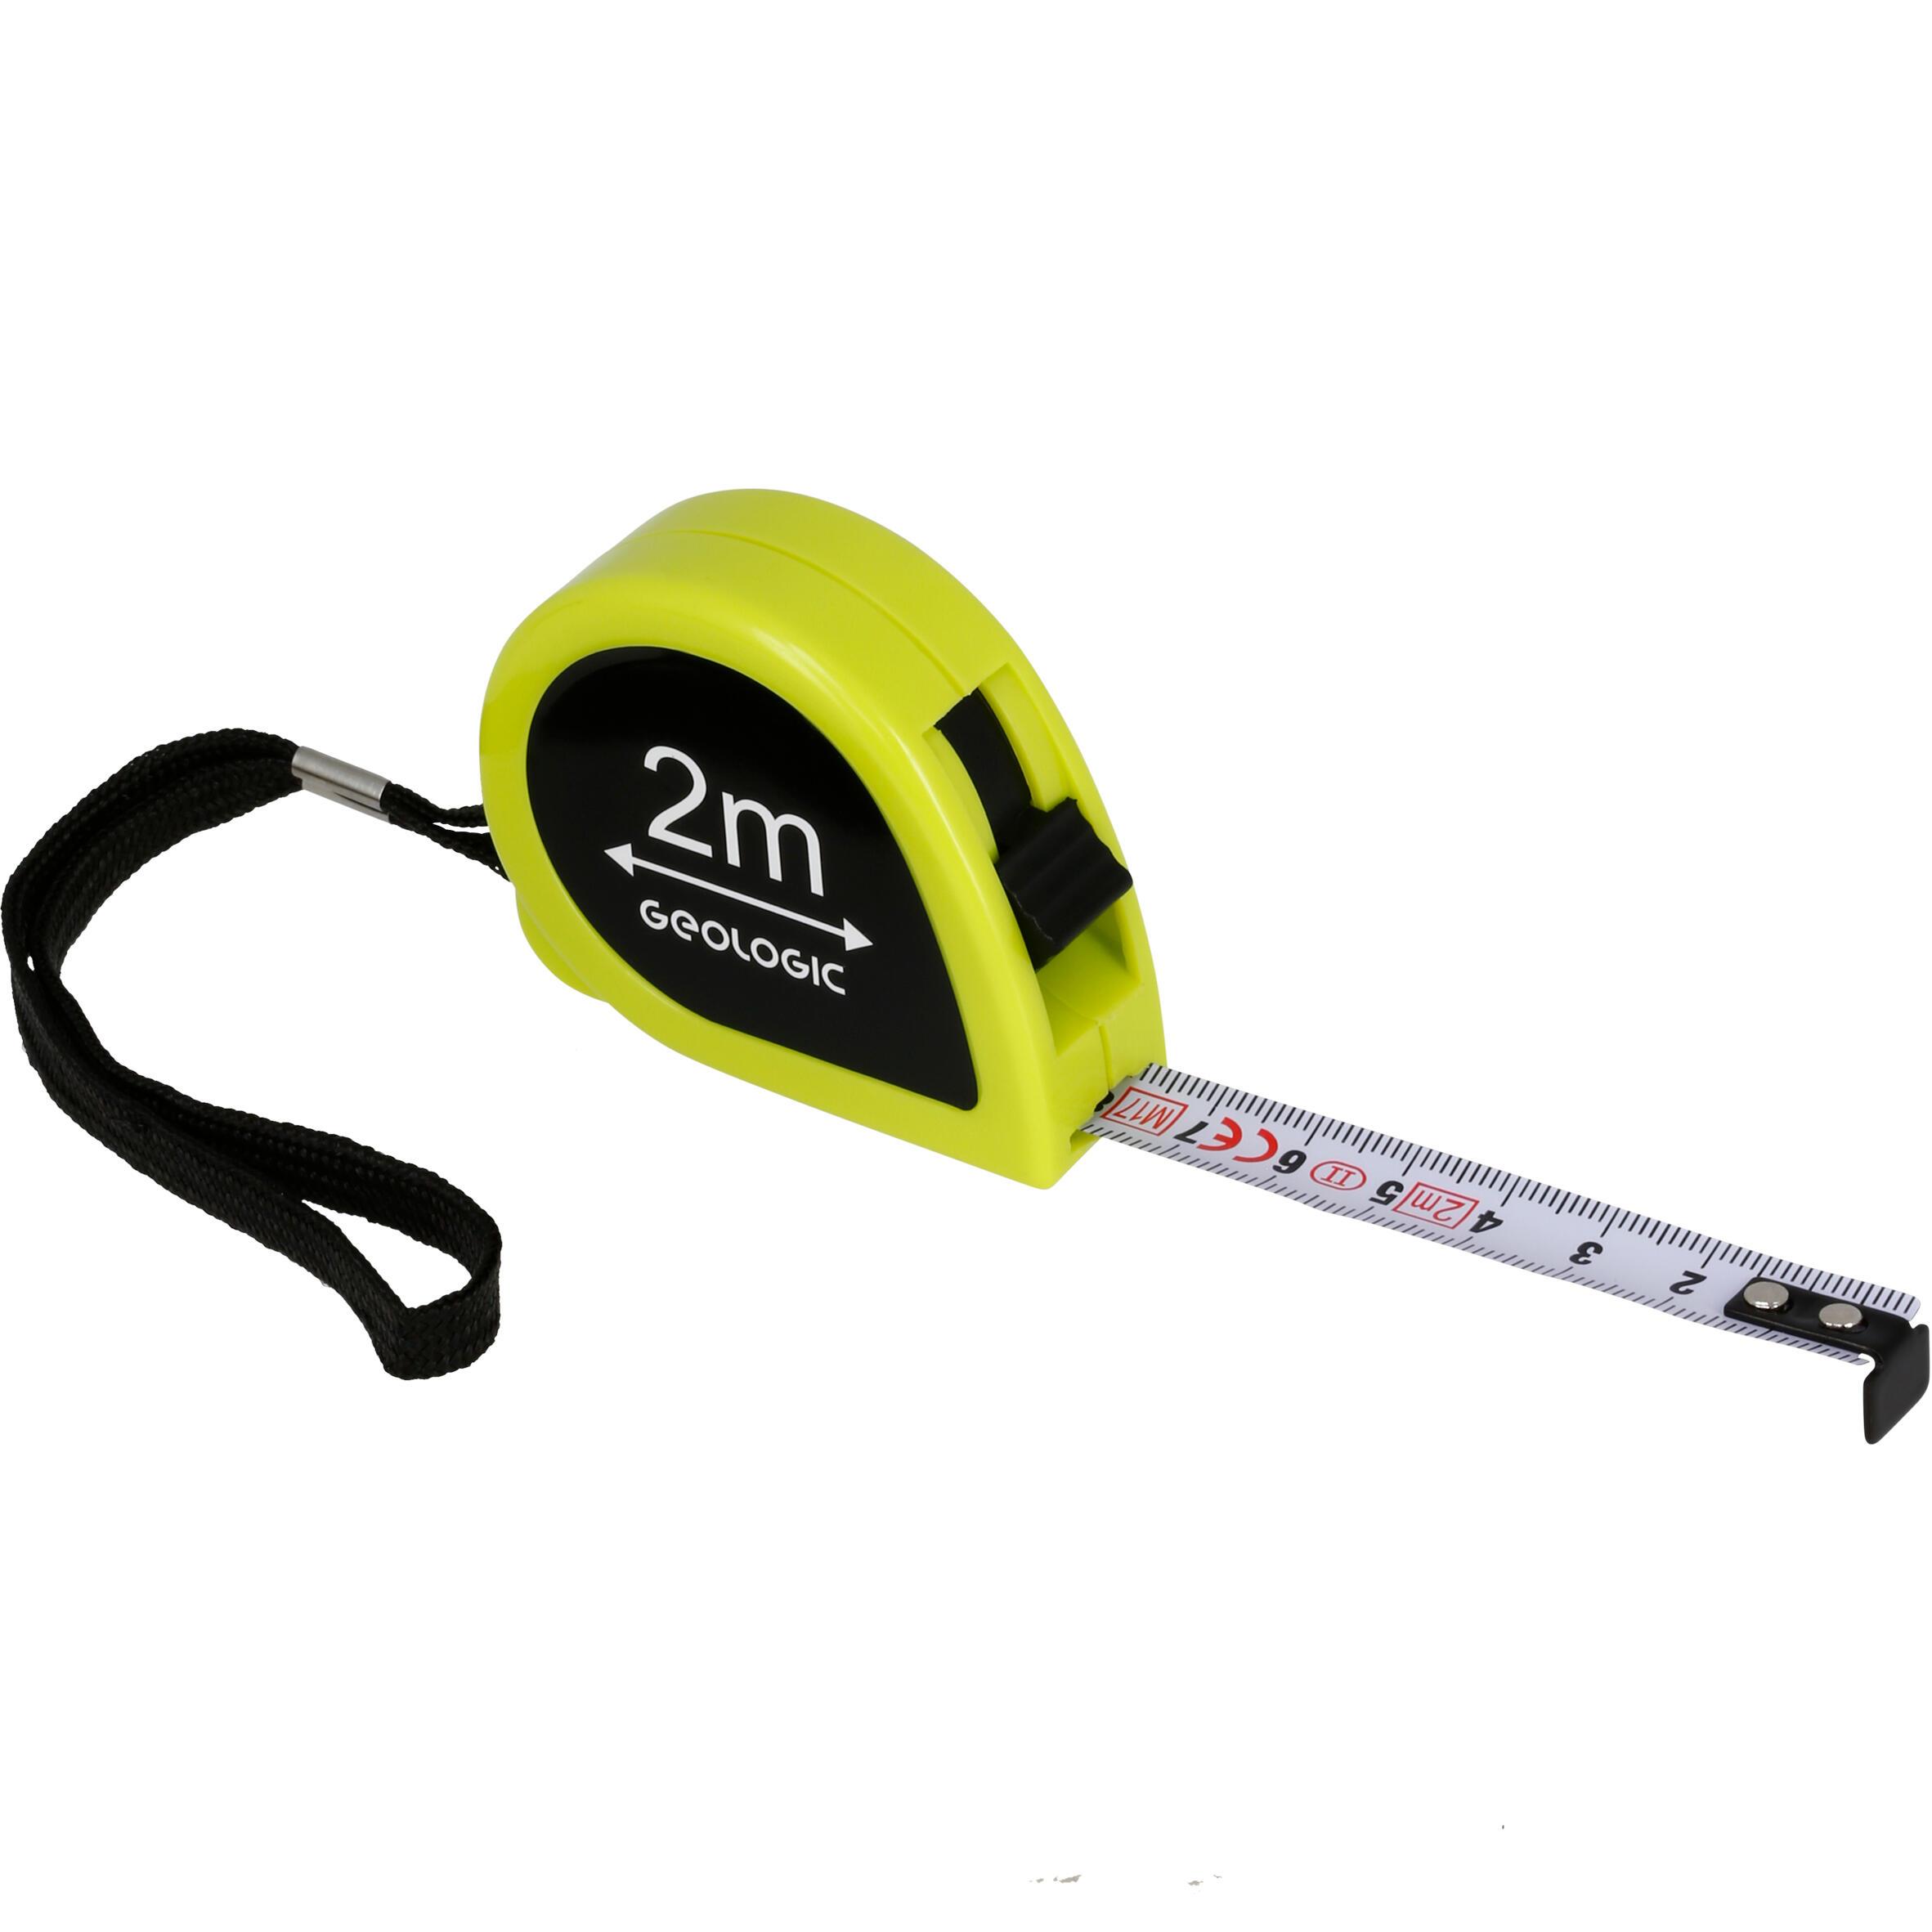 Petanque Accessory Tape Measure